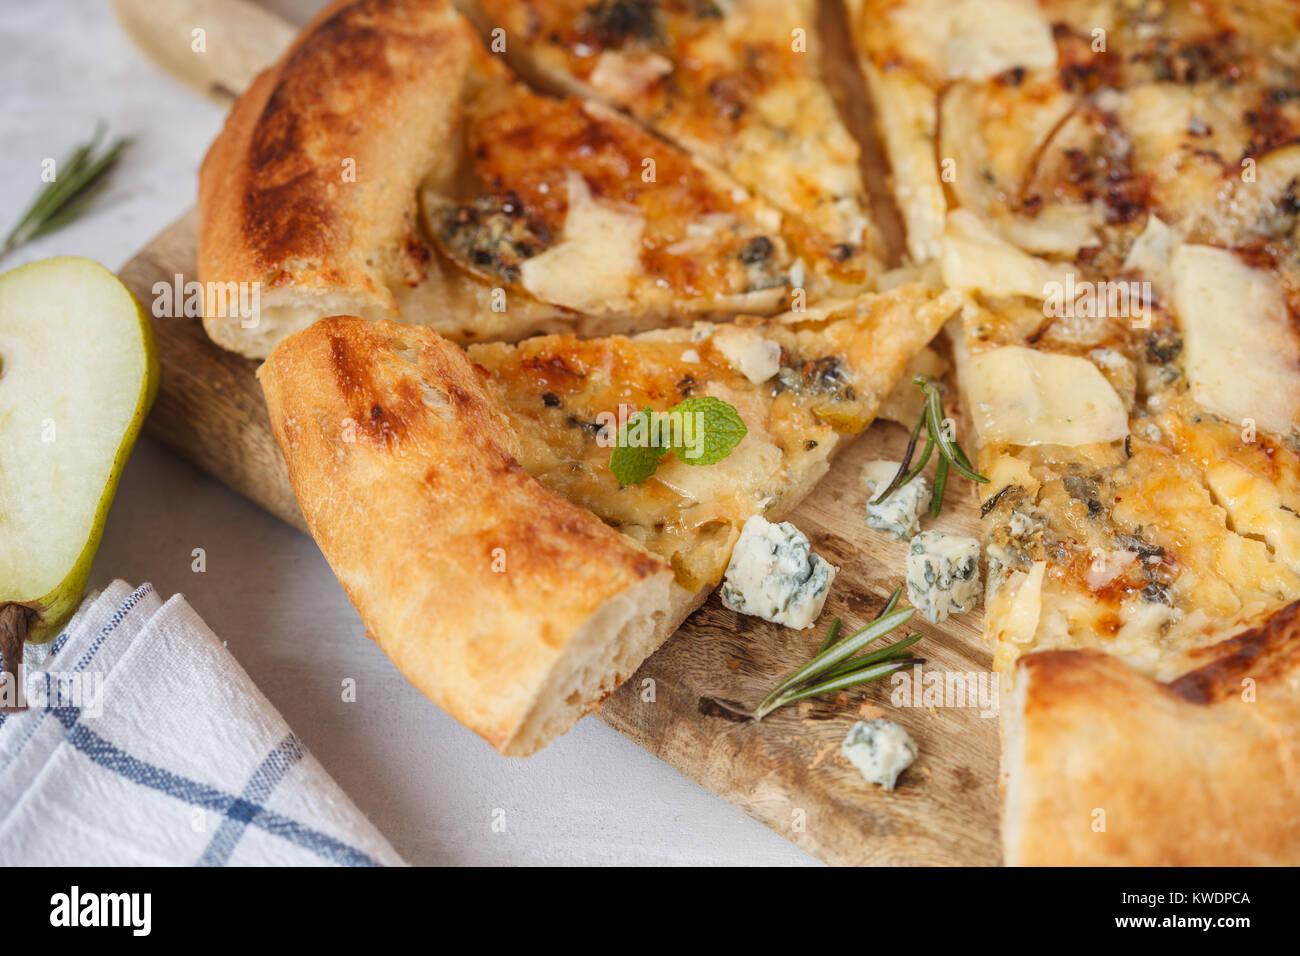 Deliciosa pizza caliente con pera y queso azul sobre la plancha de madera. Concepto de comida saludable vegetariana, Imagen De Stock